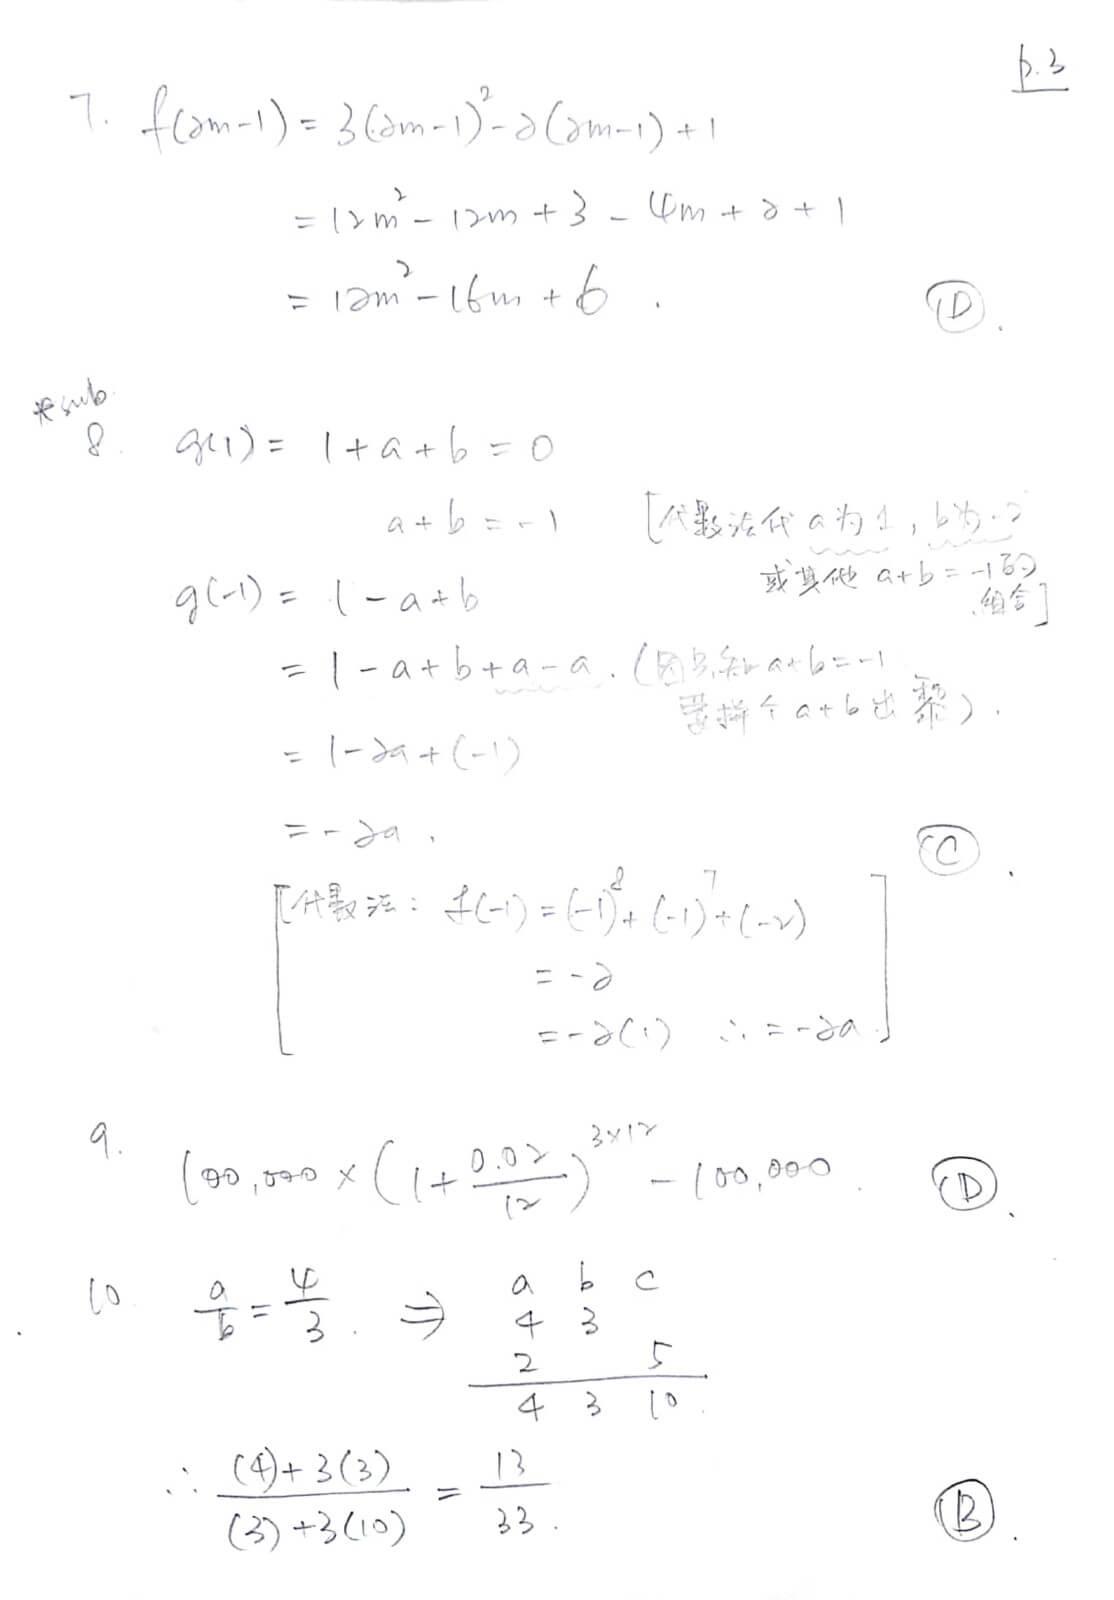 2018 DSE 數學卷二(MC) 詳細答案 Q7,8,9,10